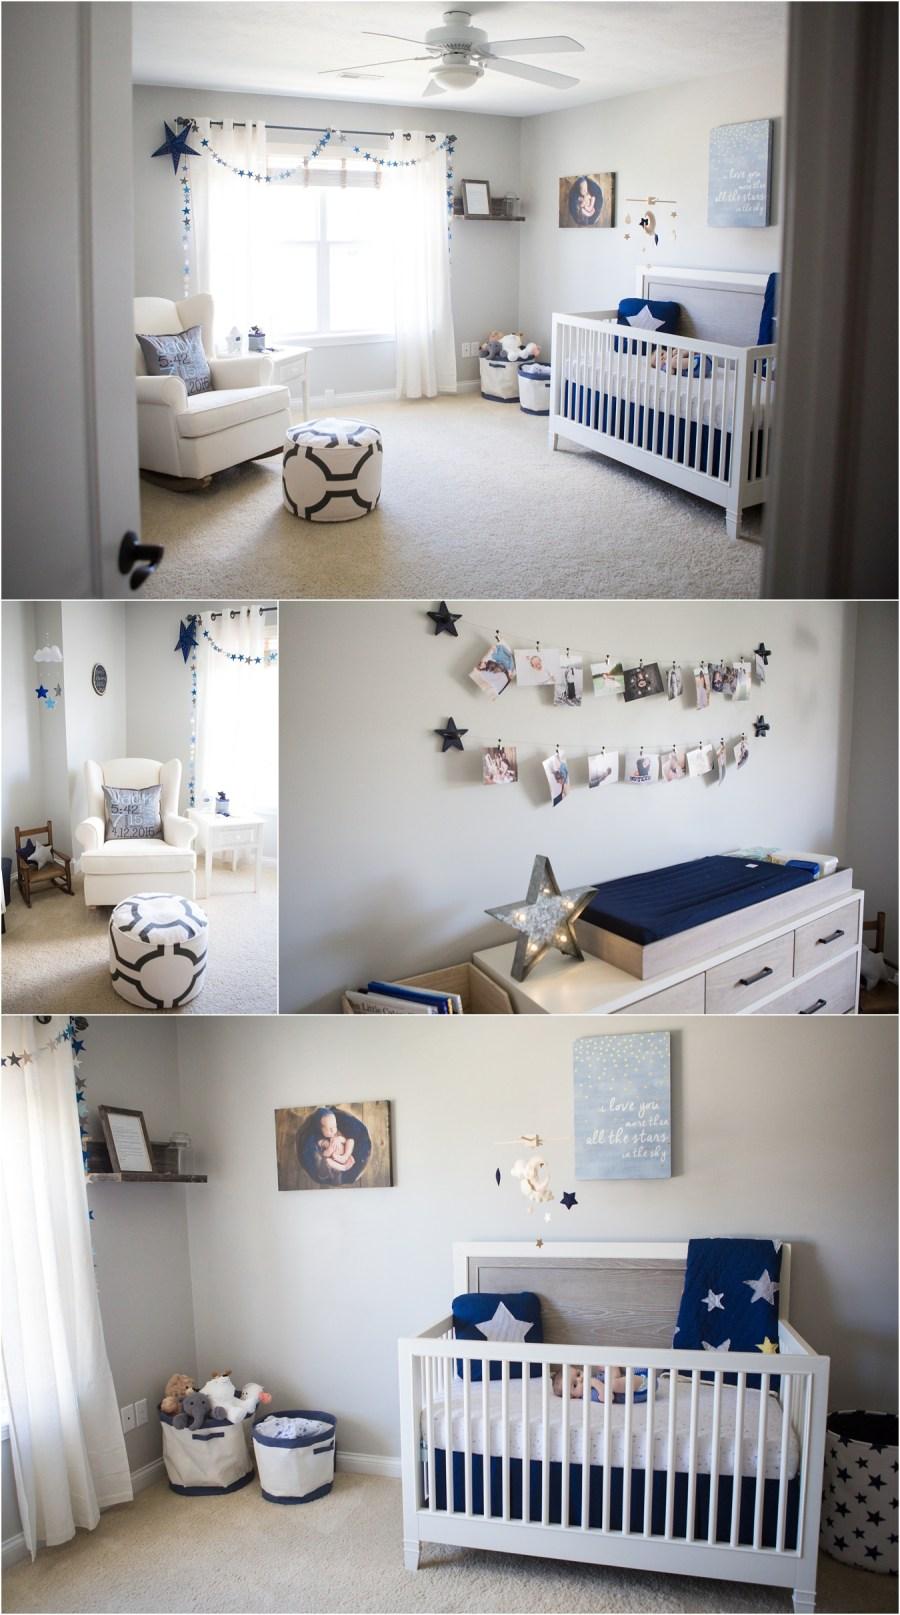 navy blue nursery ideas - star themed